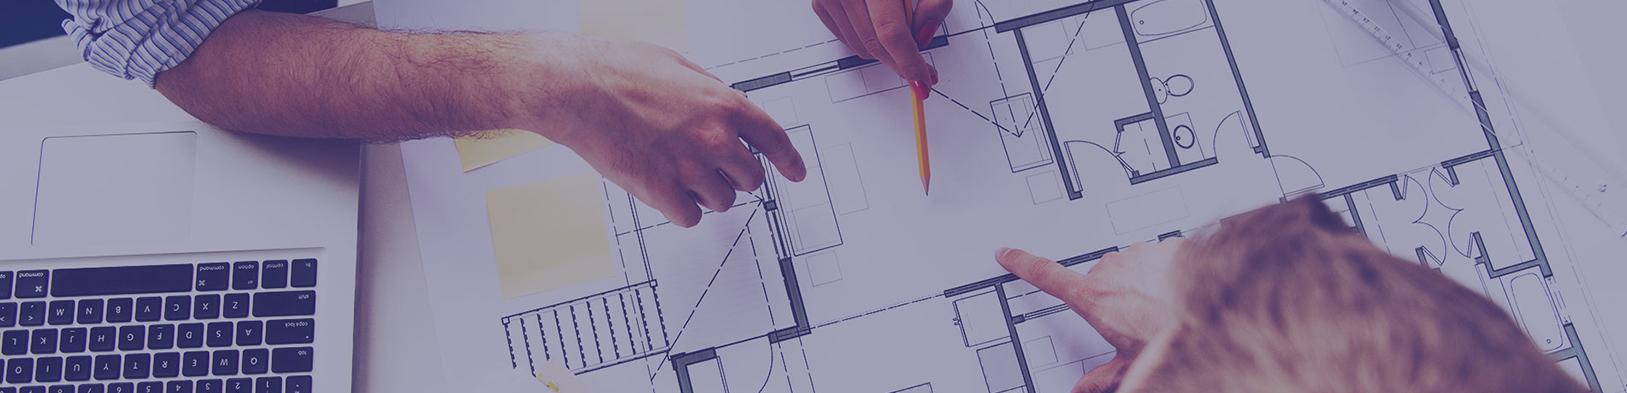 servicios-gestion-uno.jpg